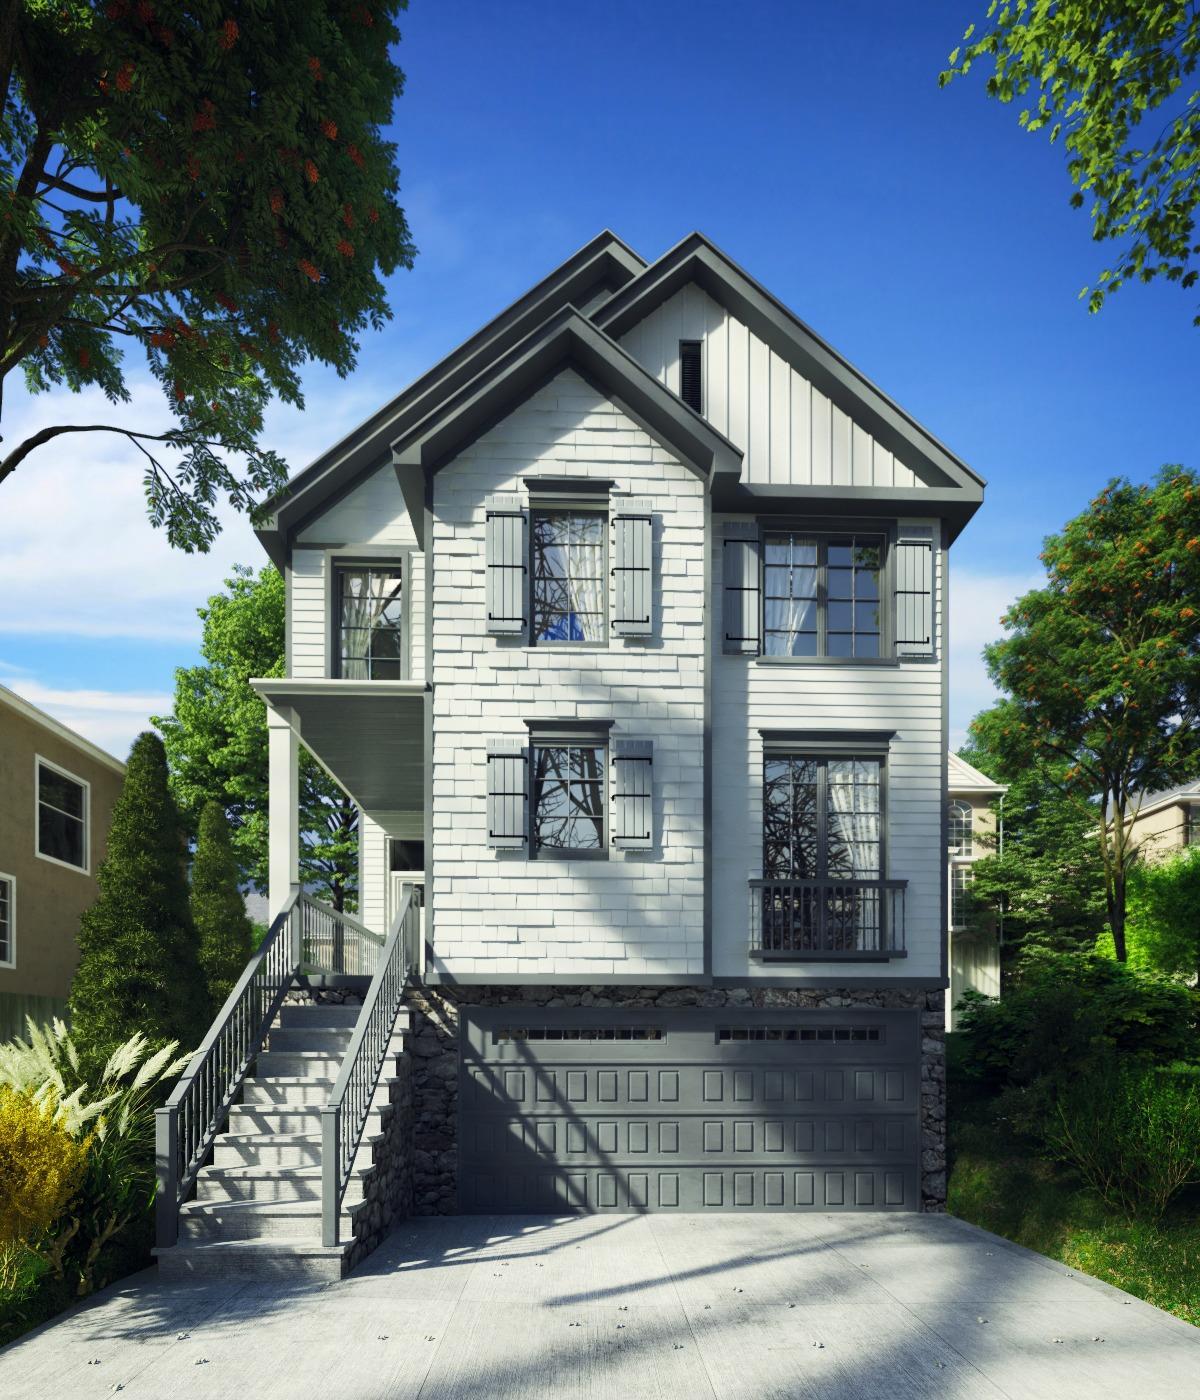 Property for sale at 3545 Saybrook Avenue, Cincinnati,  Ohio 45208